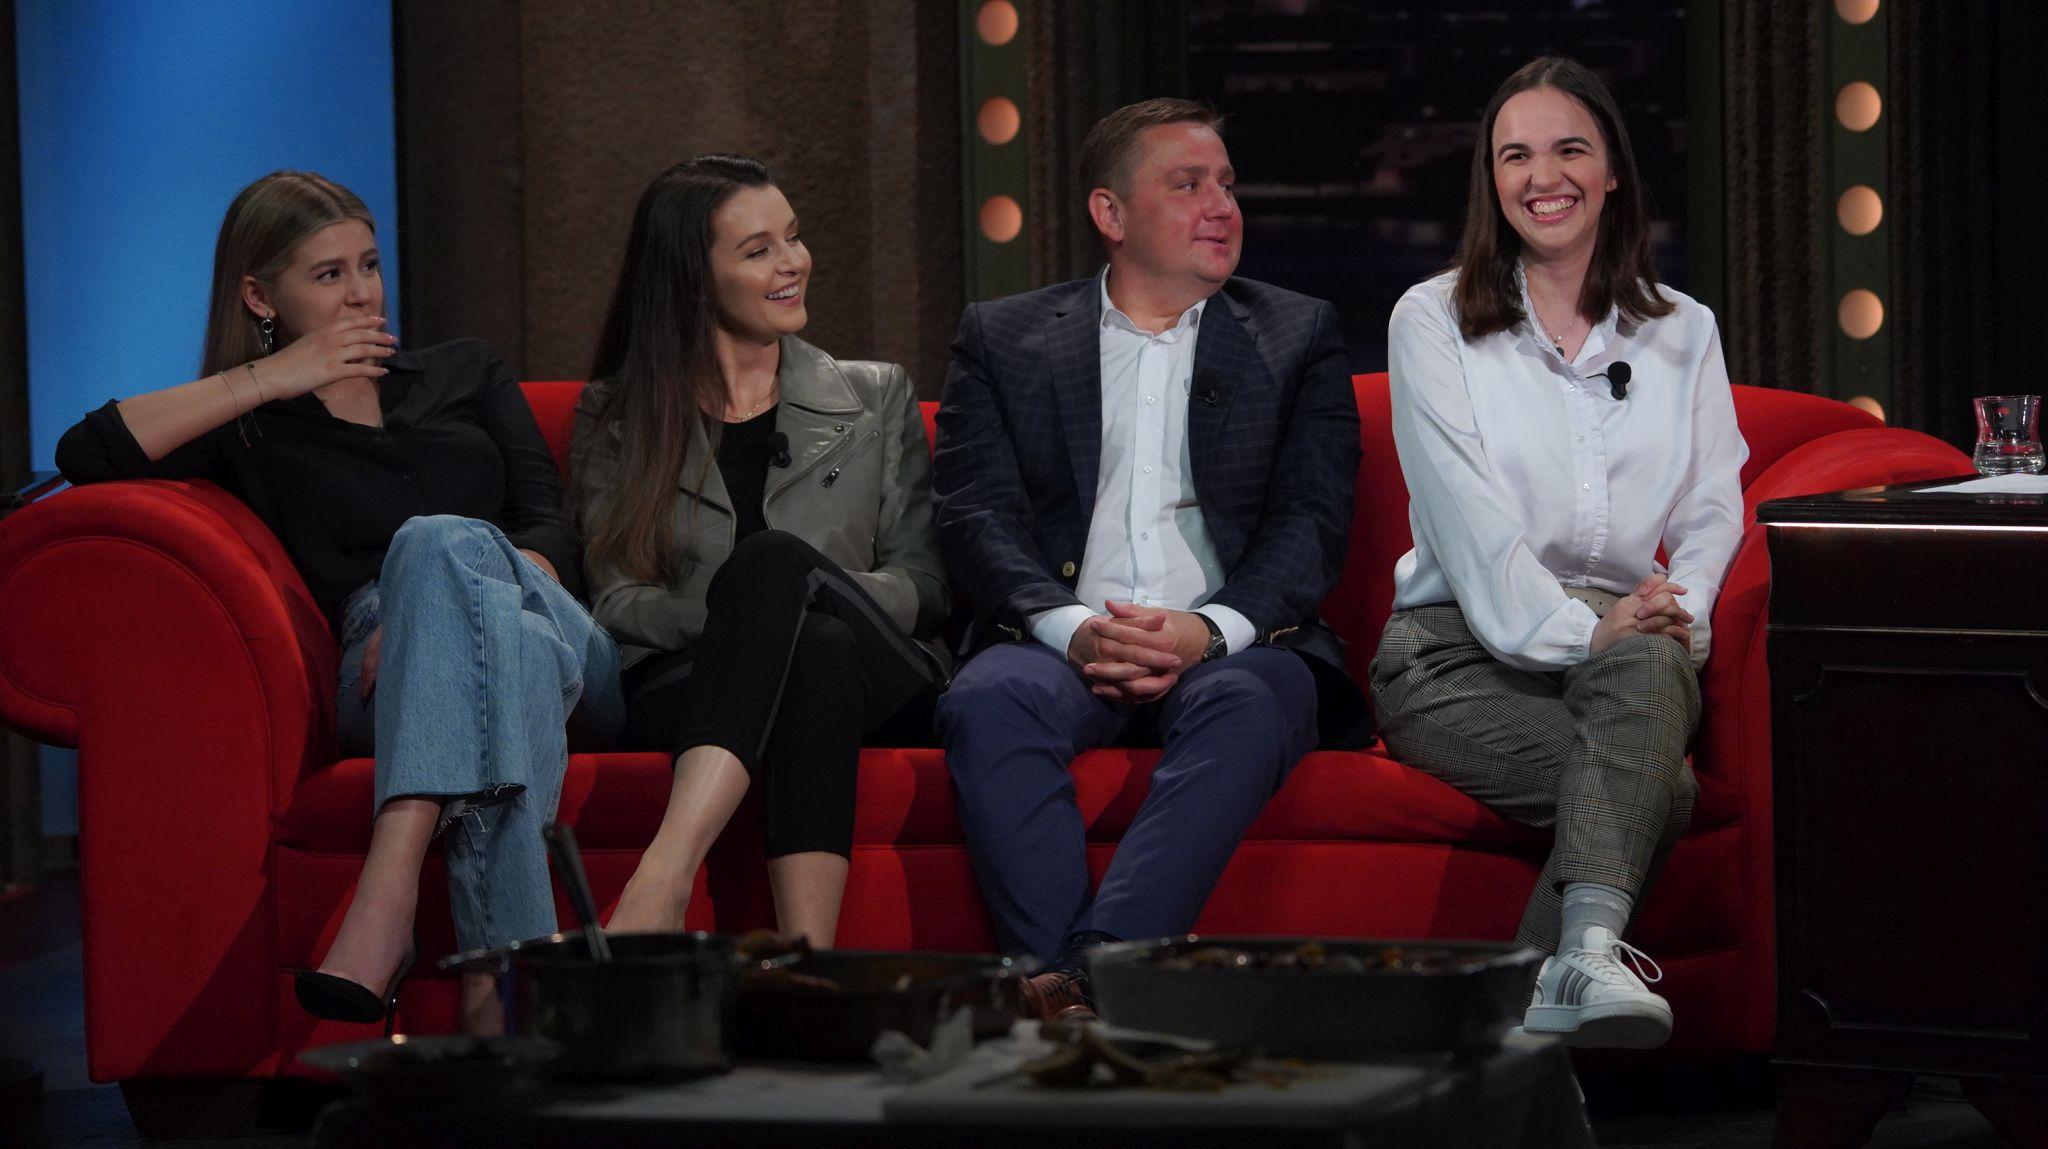 Zleva: Modelka Natálie Jirásková, moderátorka Iva Kubelková, šéfkuchař Jan Punčochář a mladičká polyglotka Eva Spekhorstová v SJK 12. 5. 2021